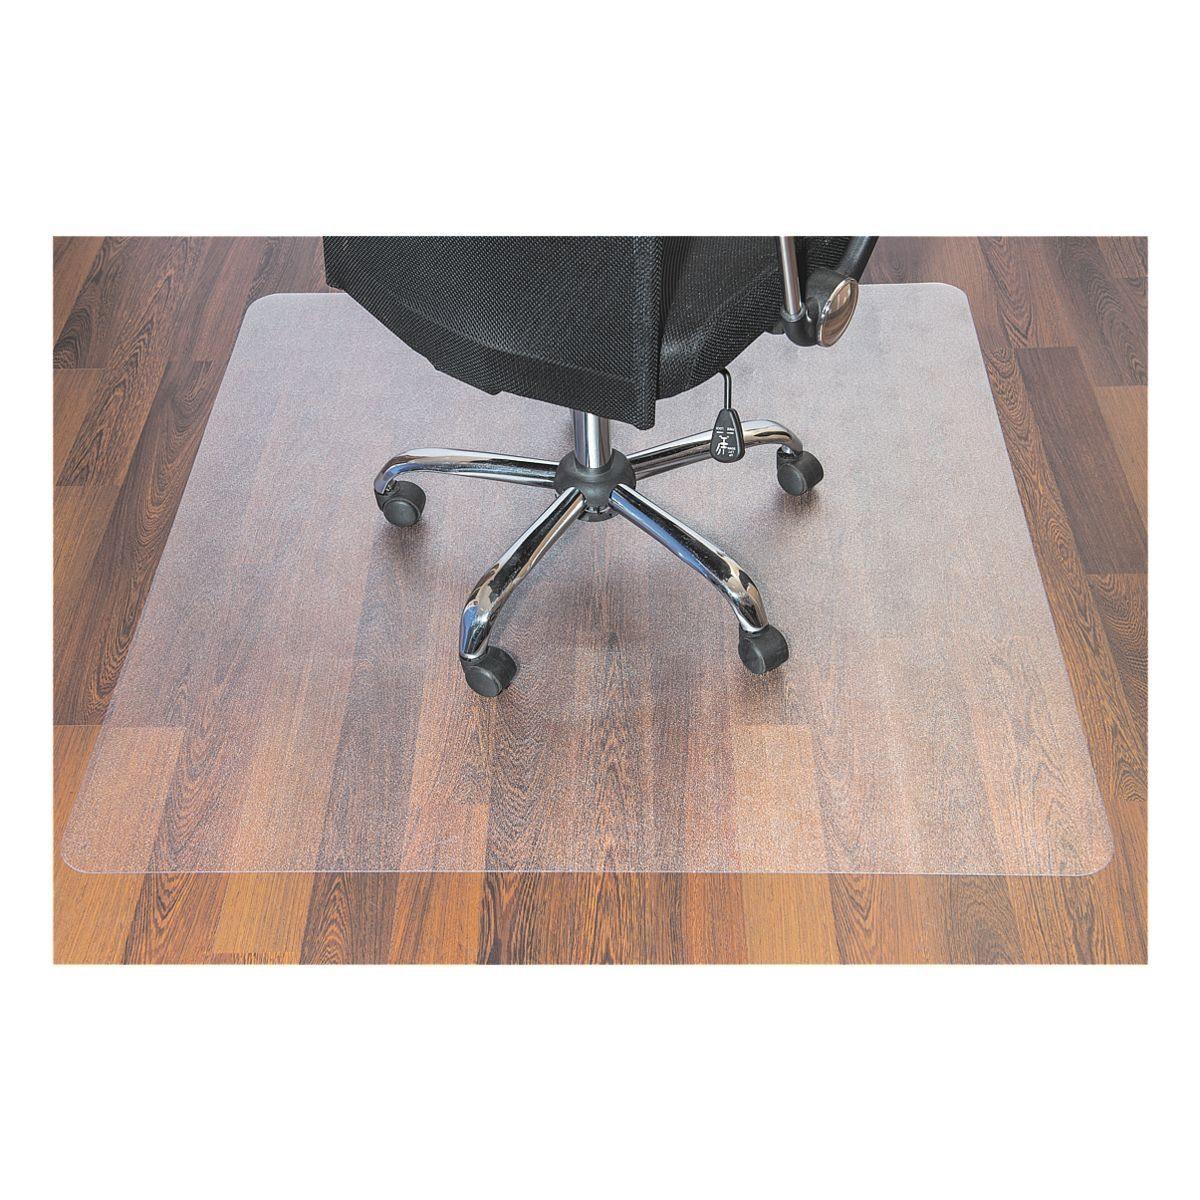 OTTOOFFICE BUDGET Bodenschutzmatte 120x150 cm, rechteckig, für Hartboden